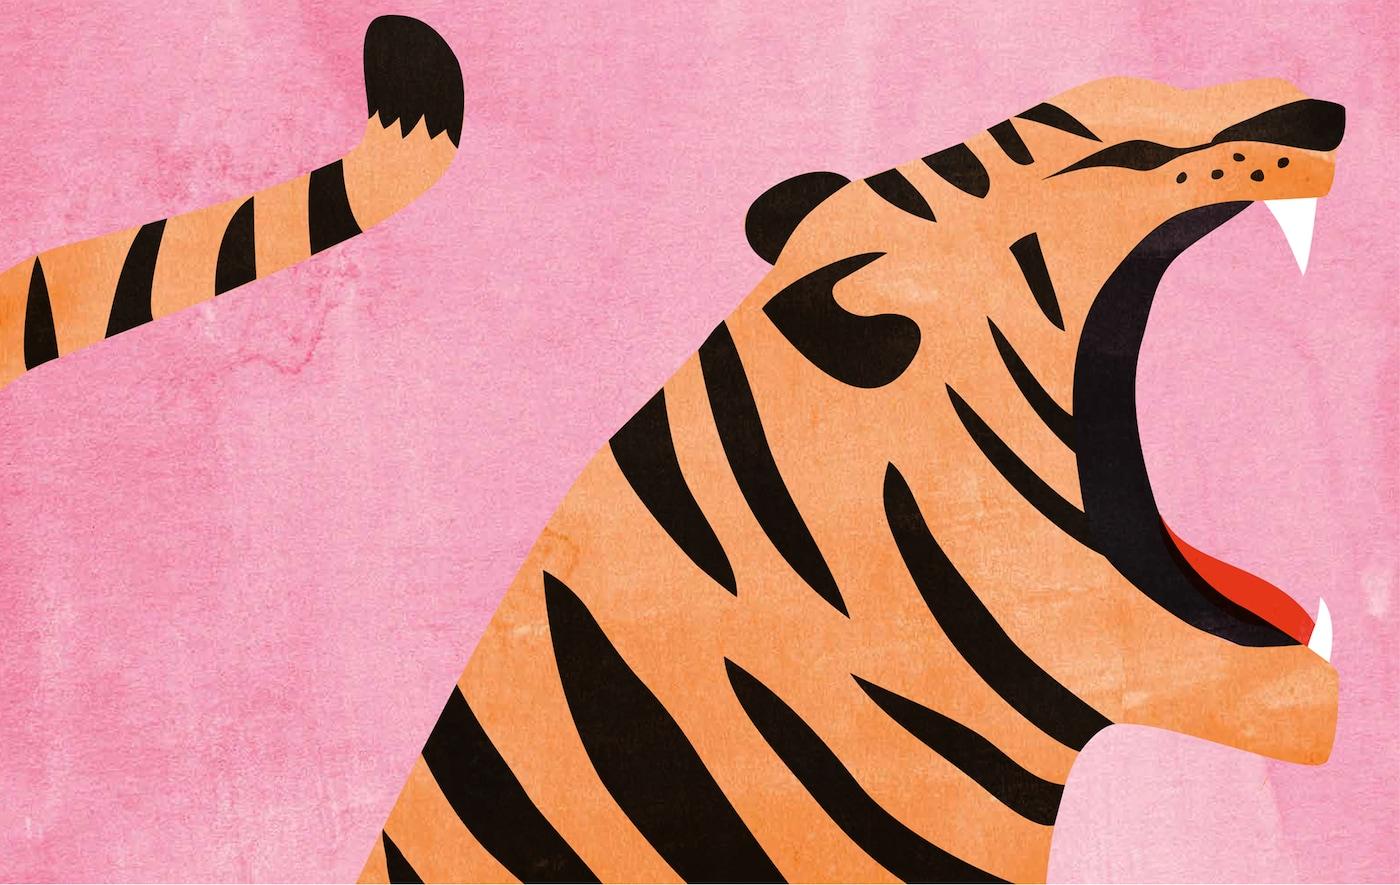 Ilustracija tigra na roze pozadini.